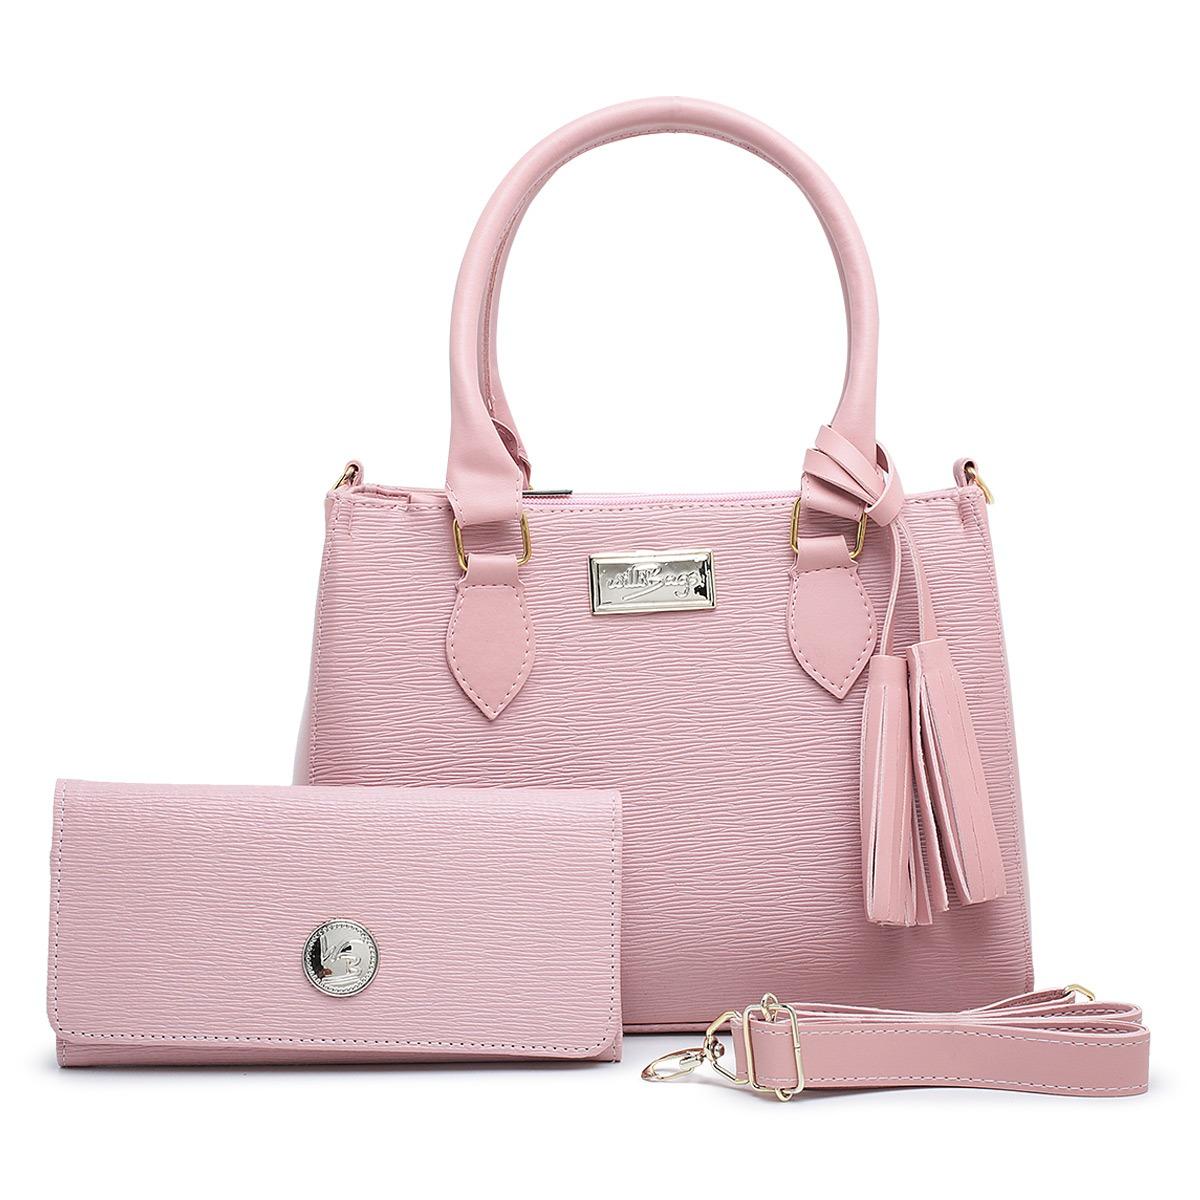 Kit  Bolsa Com Carteira Feminina Barata Linda Transversal Pink